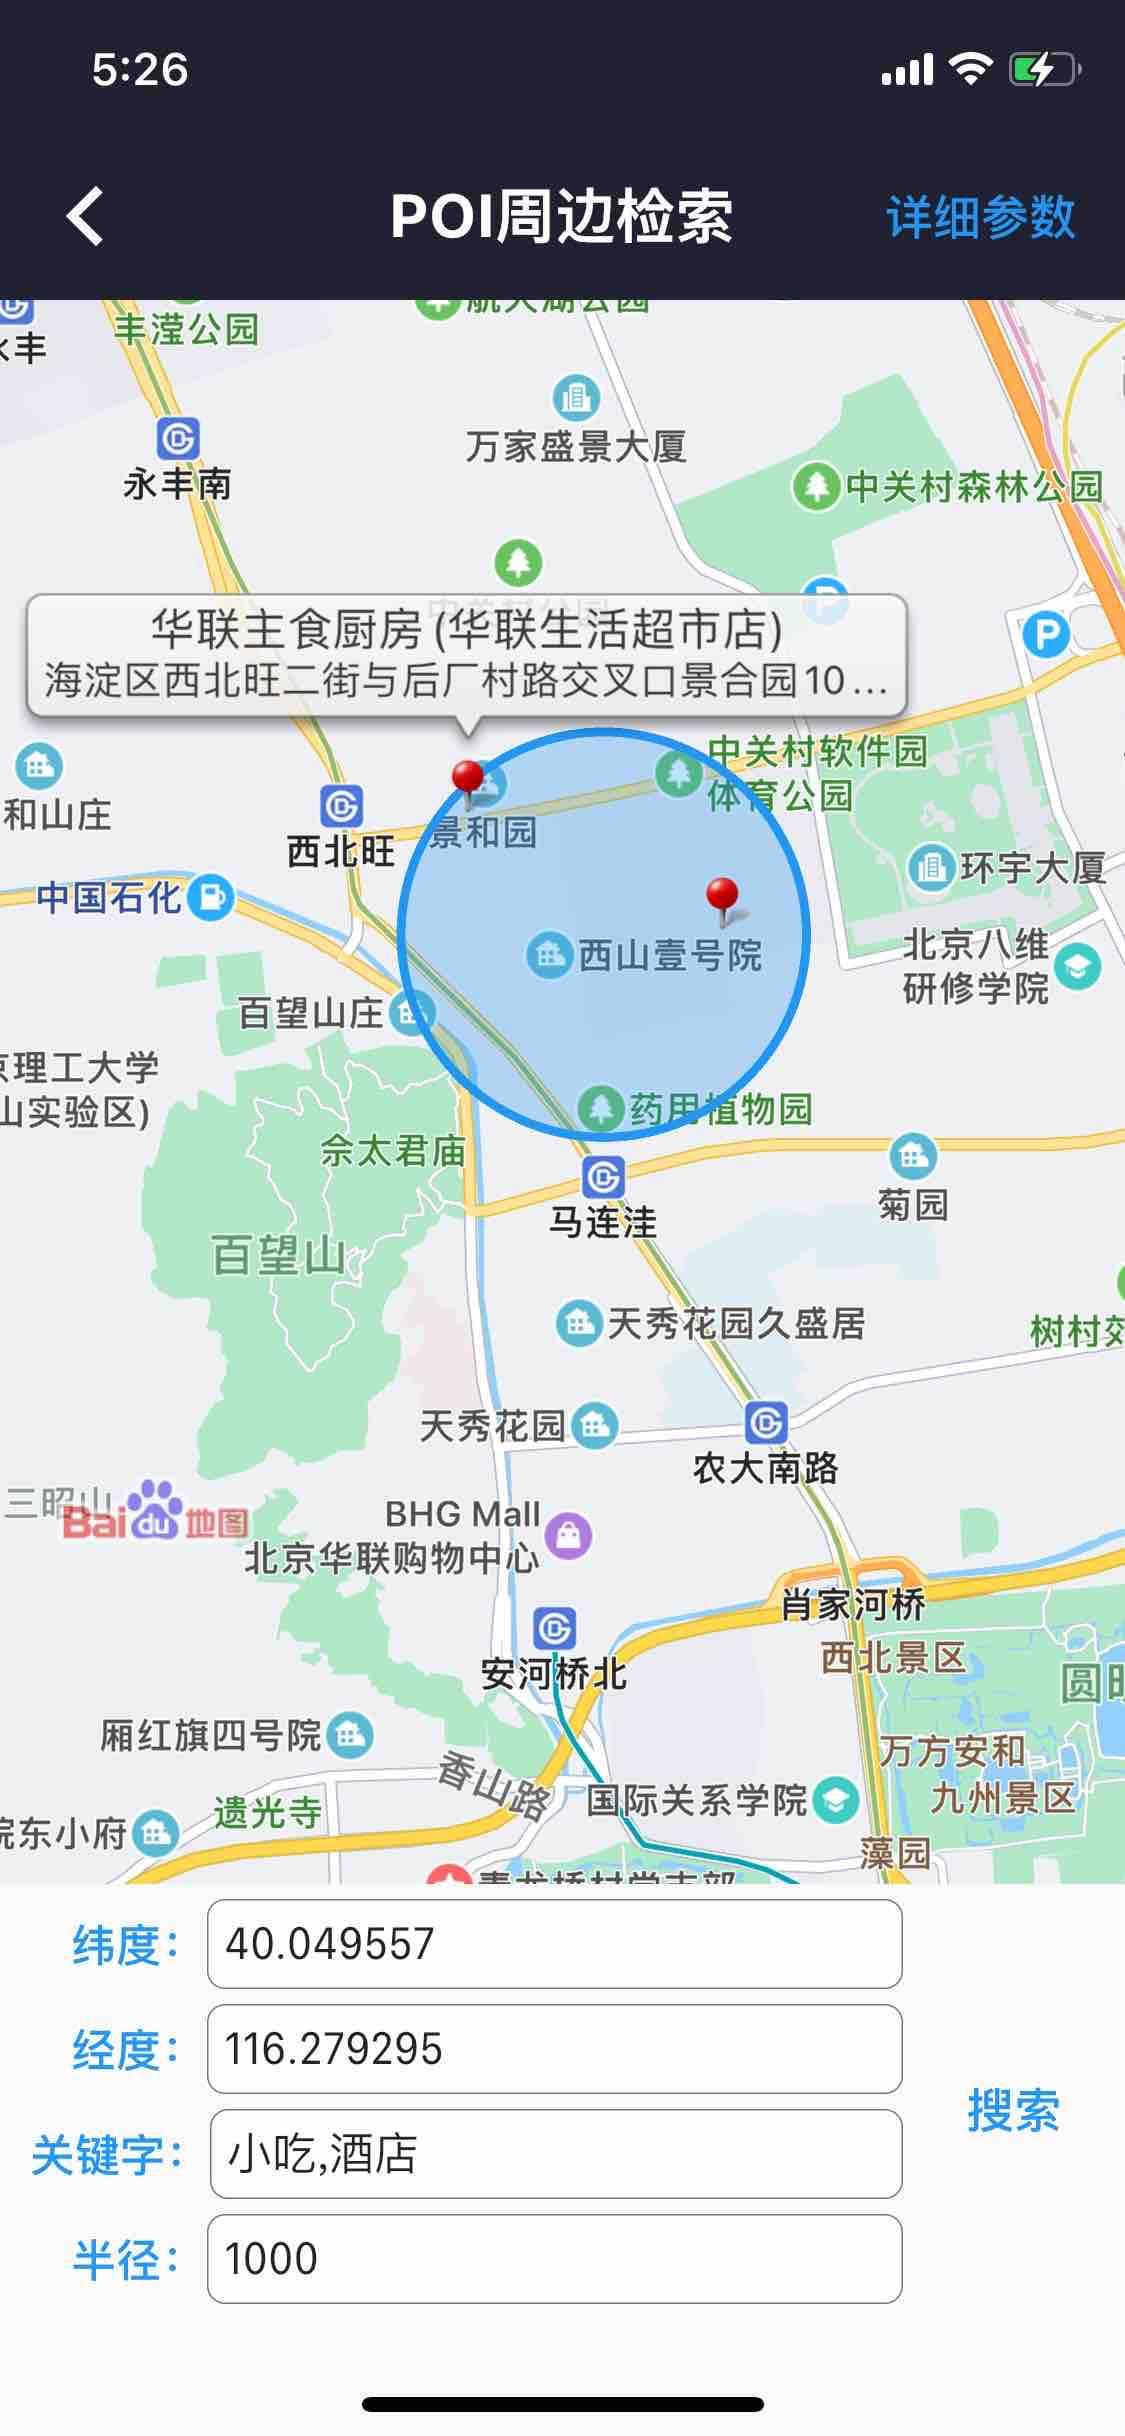 poizhoubianjiansuo.png